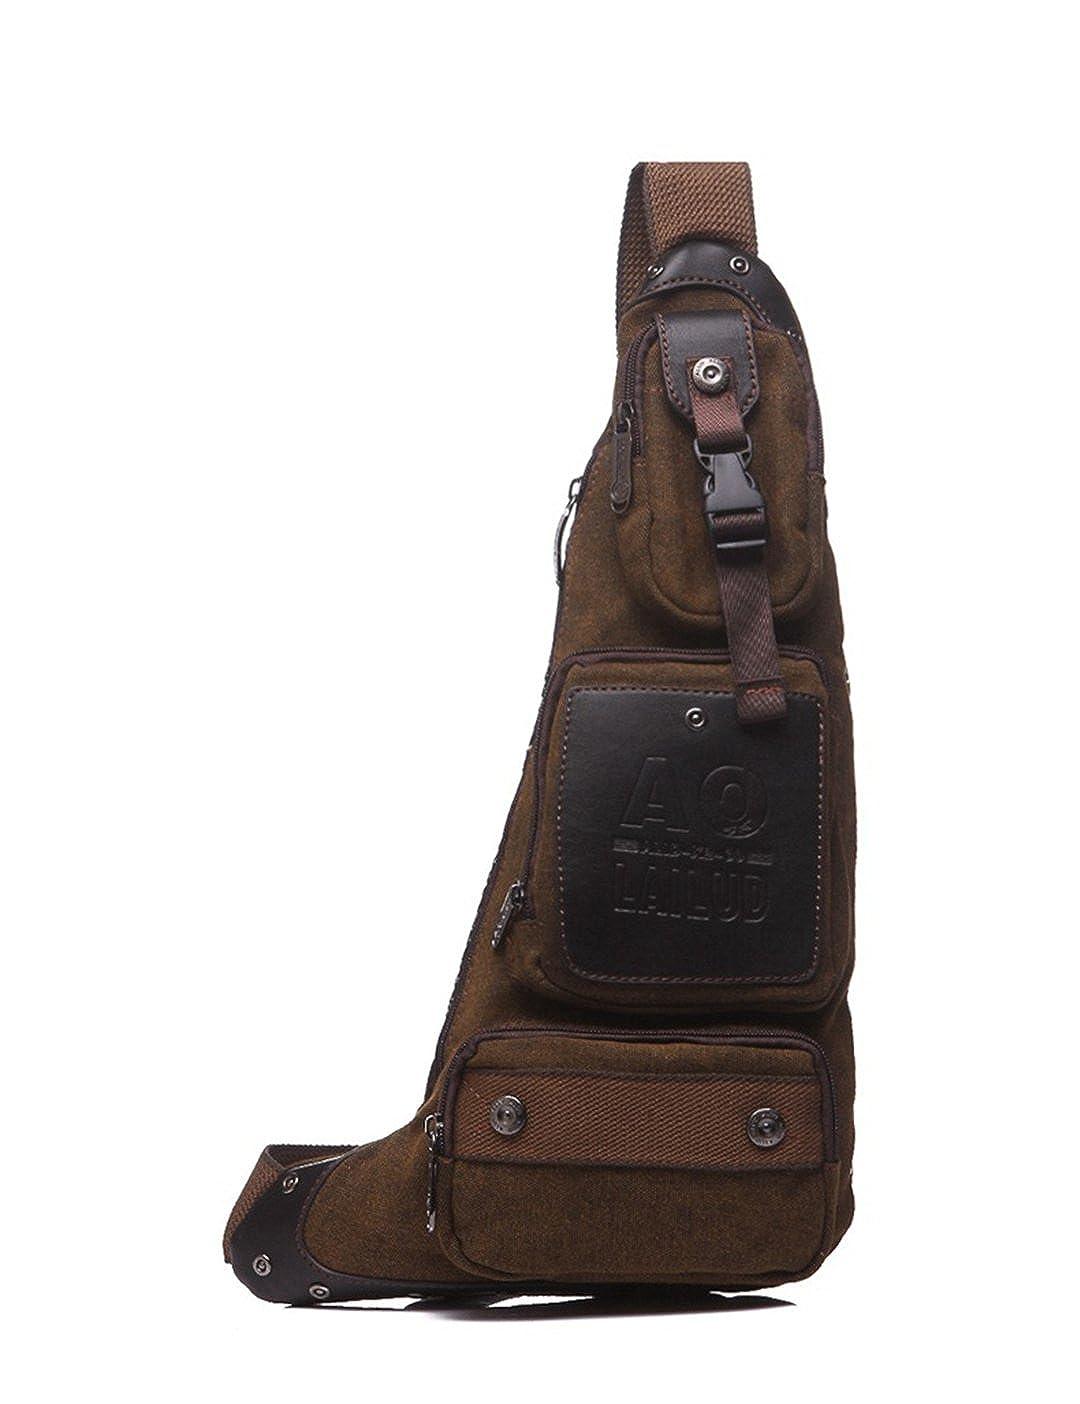 Wewod Multi-poches Hommes Petite Sac de Poitrine Epaule Sac à Bandoulière Messager Besace Sacoche D'épauleSling Bag Crossbody pour Sport Randonnée Voyage Vélos Travail - Marron JX-xiong-6